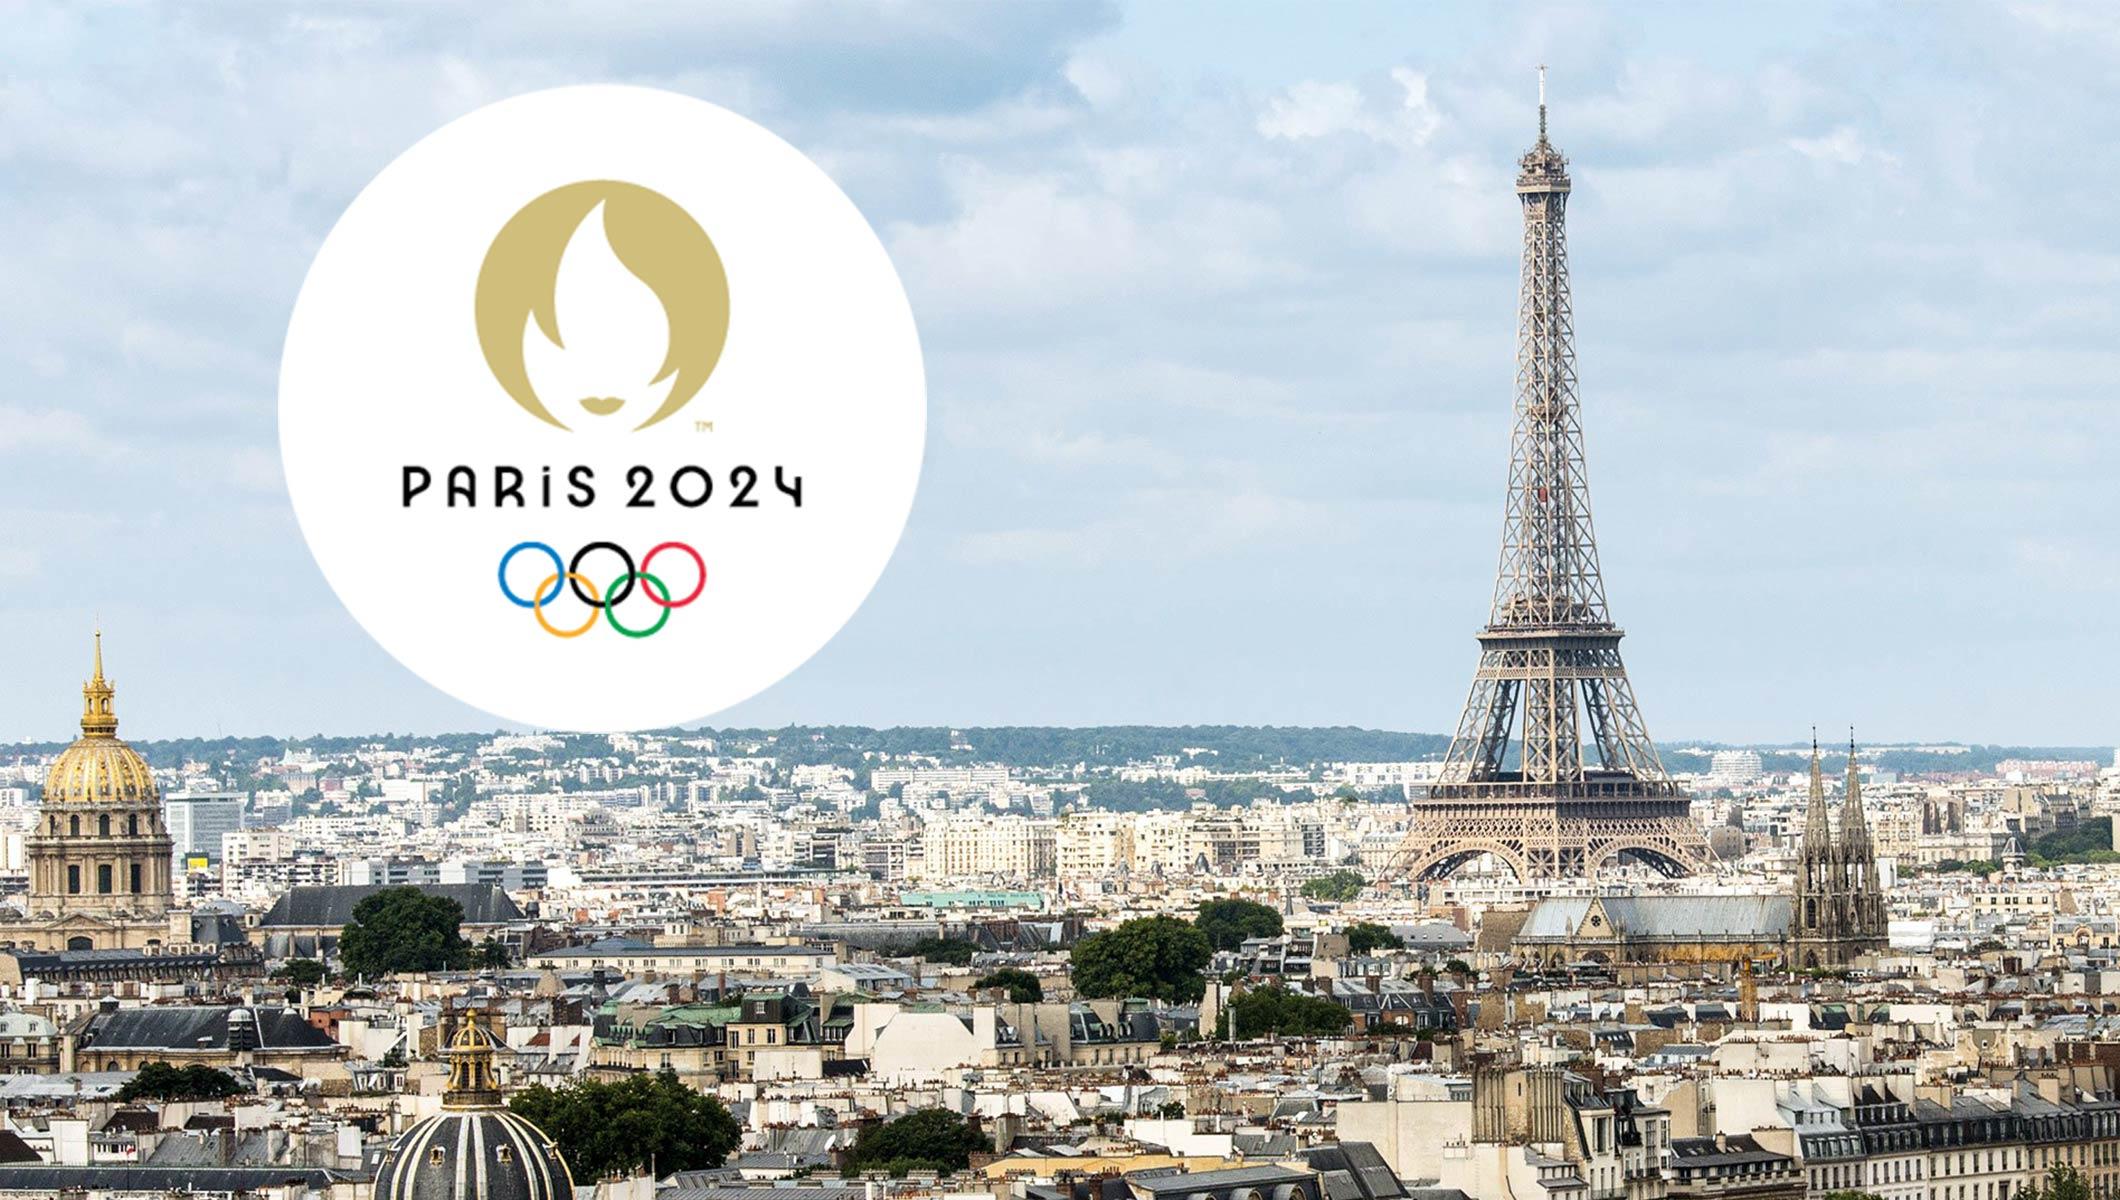 २०२४ काे पेरिस ओलम्पिकमा ब्रेकीङ डान्स समावेश